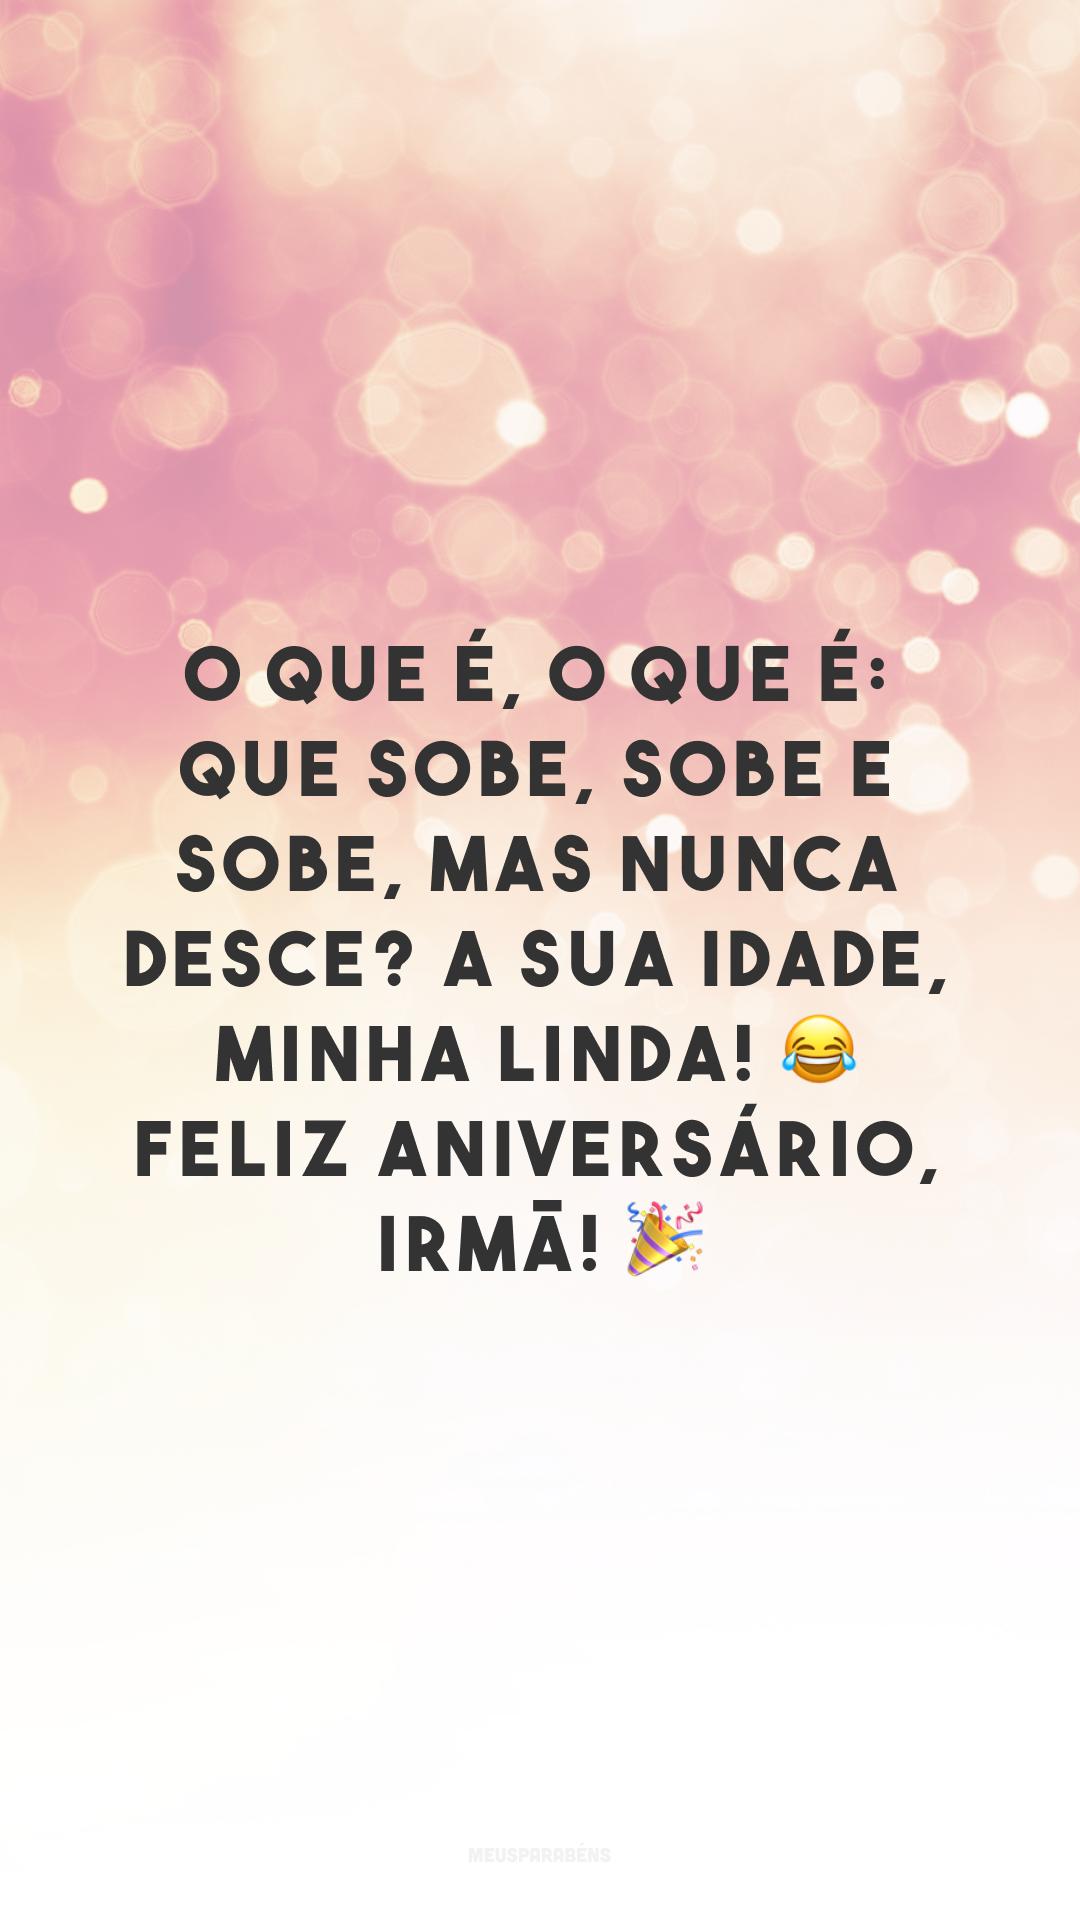 O que é, o que é: que sobe, sobe e sobe, mas nunca desce? A sua idade, minha linda! 😂 Feliz aniversário, irmã! 🎉